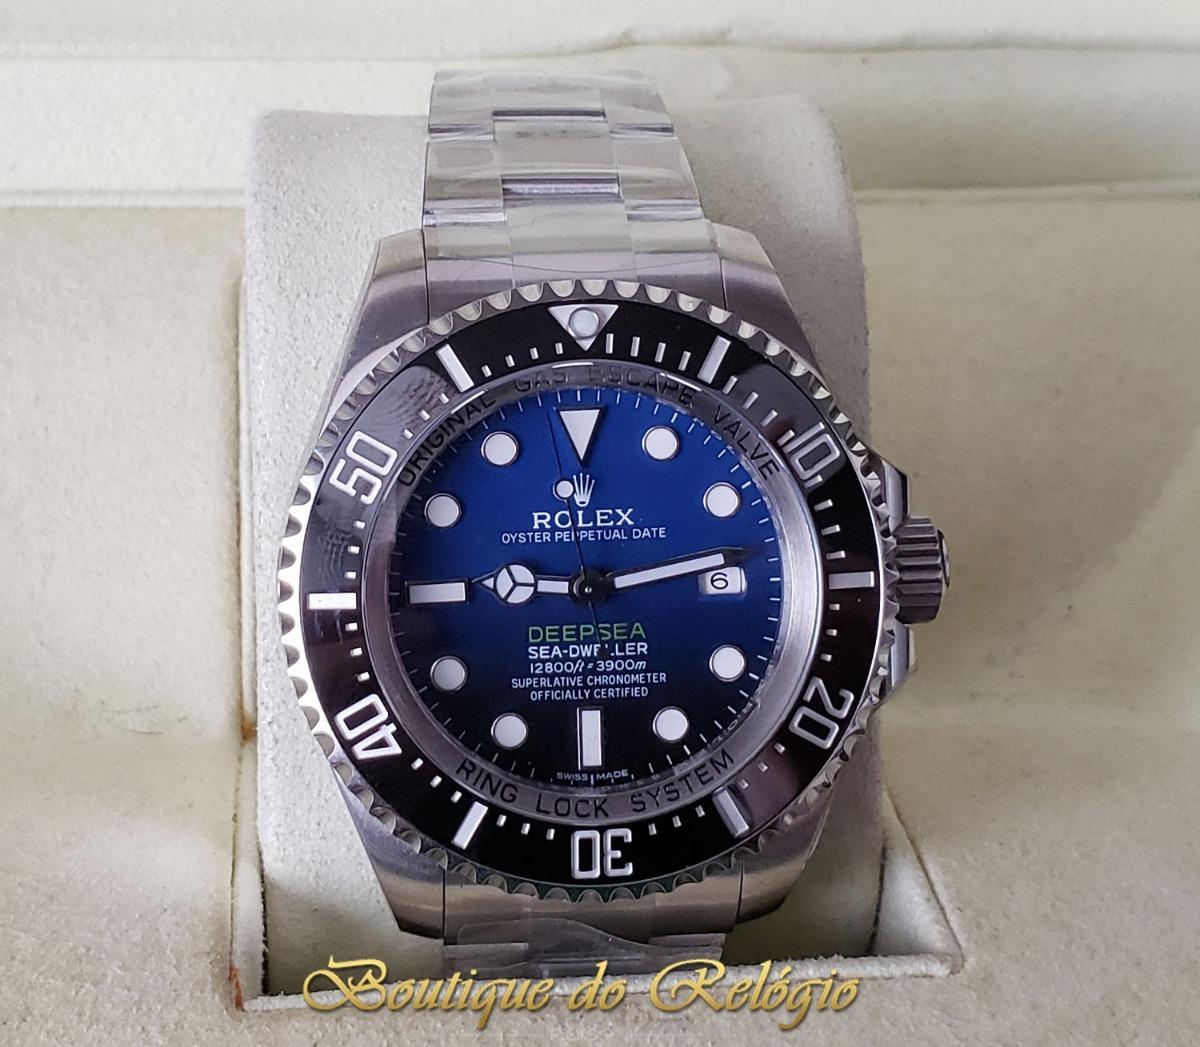 a0b0a245927 relógio eta - modelo deepsea d-blue sh3135 - arf aço 904l. Carregando zoom.